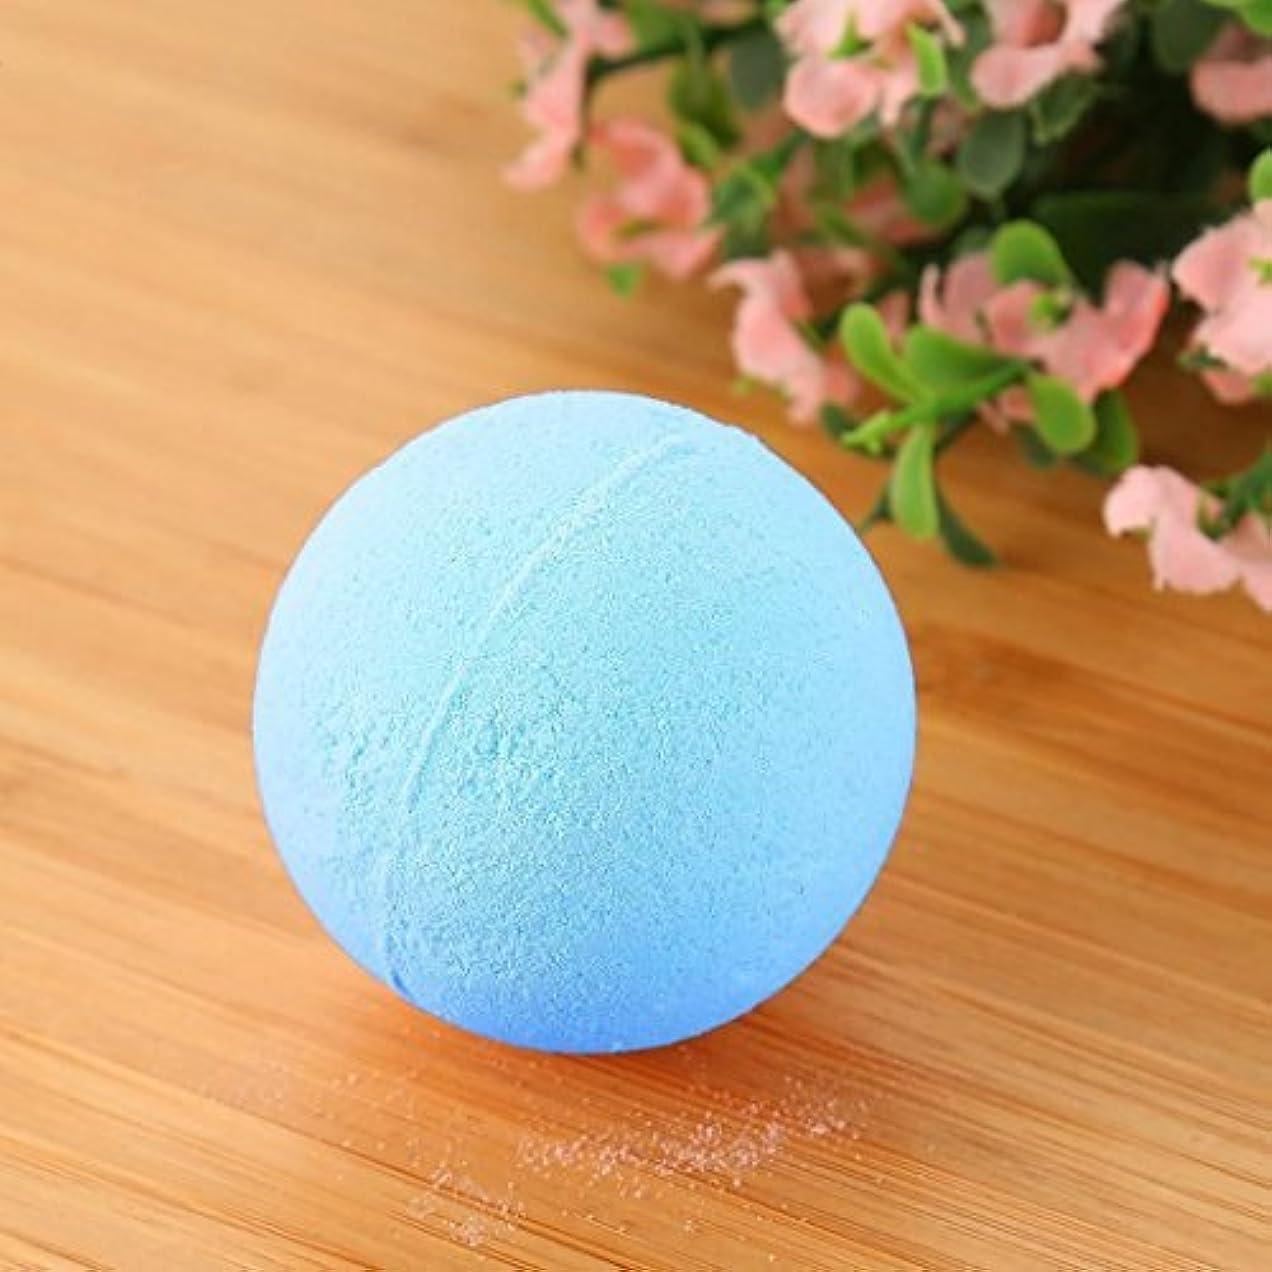 北西彼は樫の木バブル塩風呂の贈り物のためにボールをリラックスした女性の塩